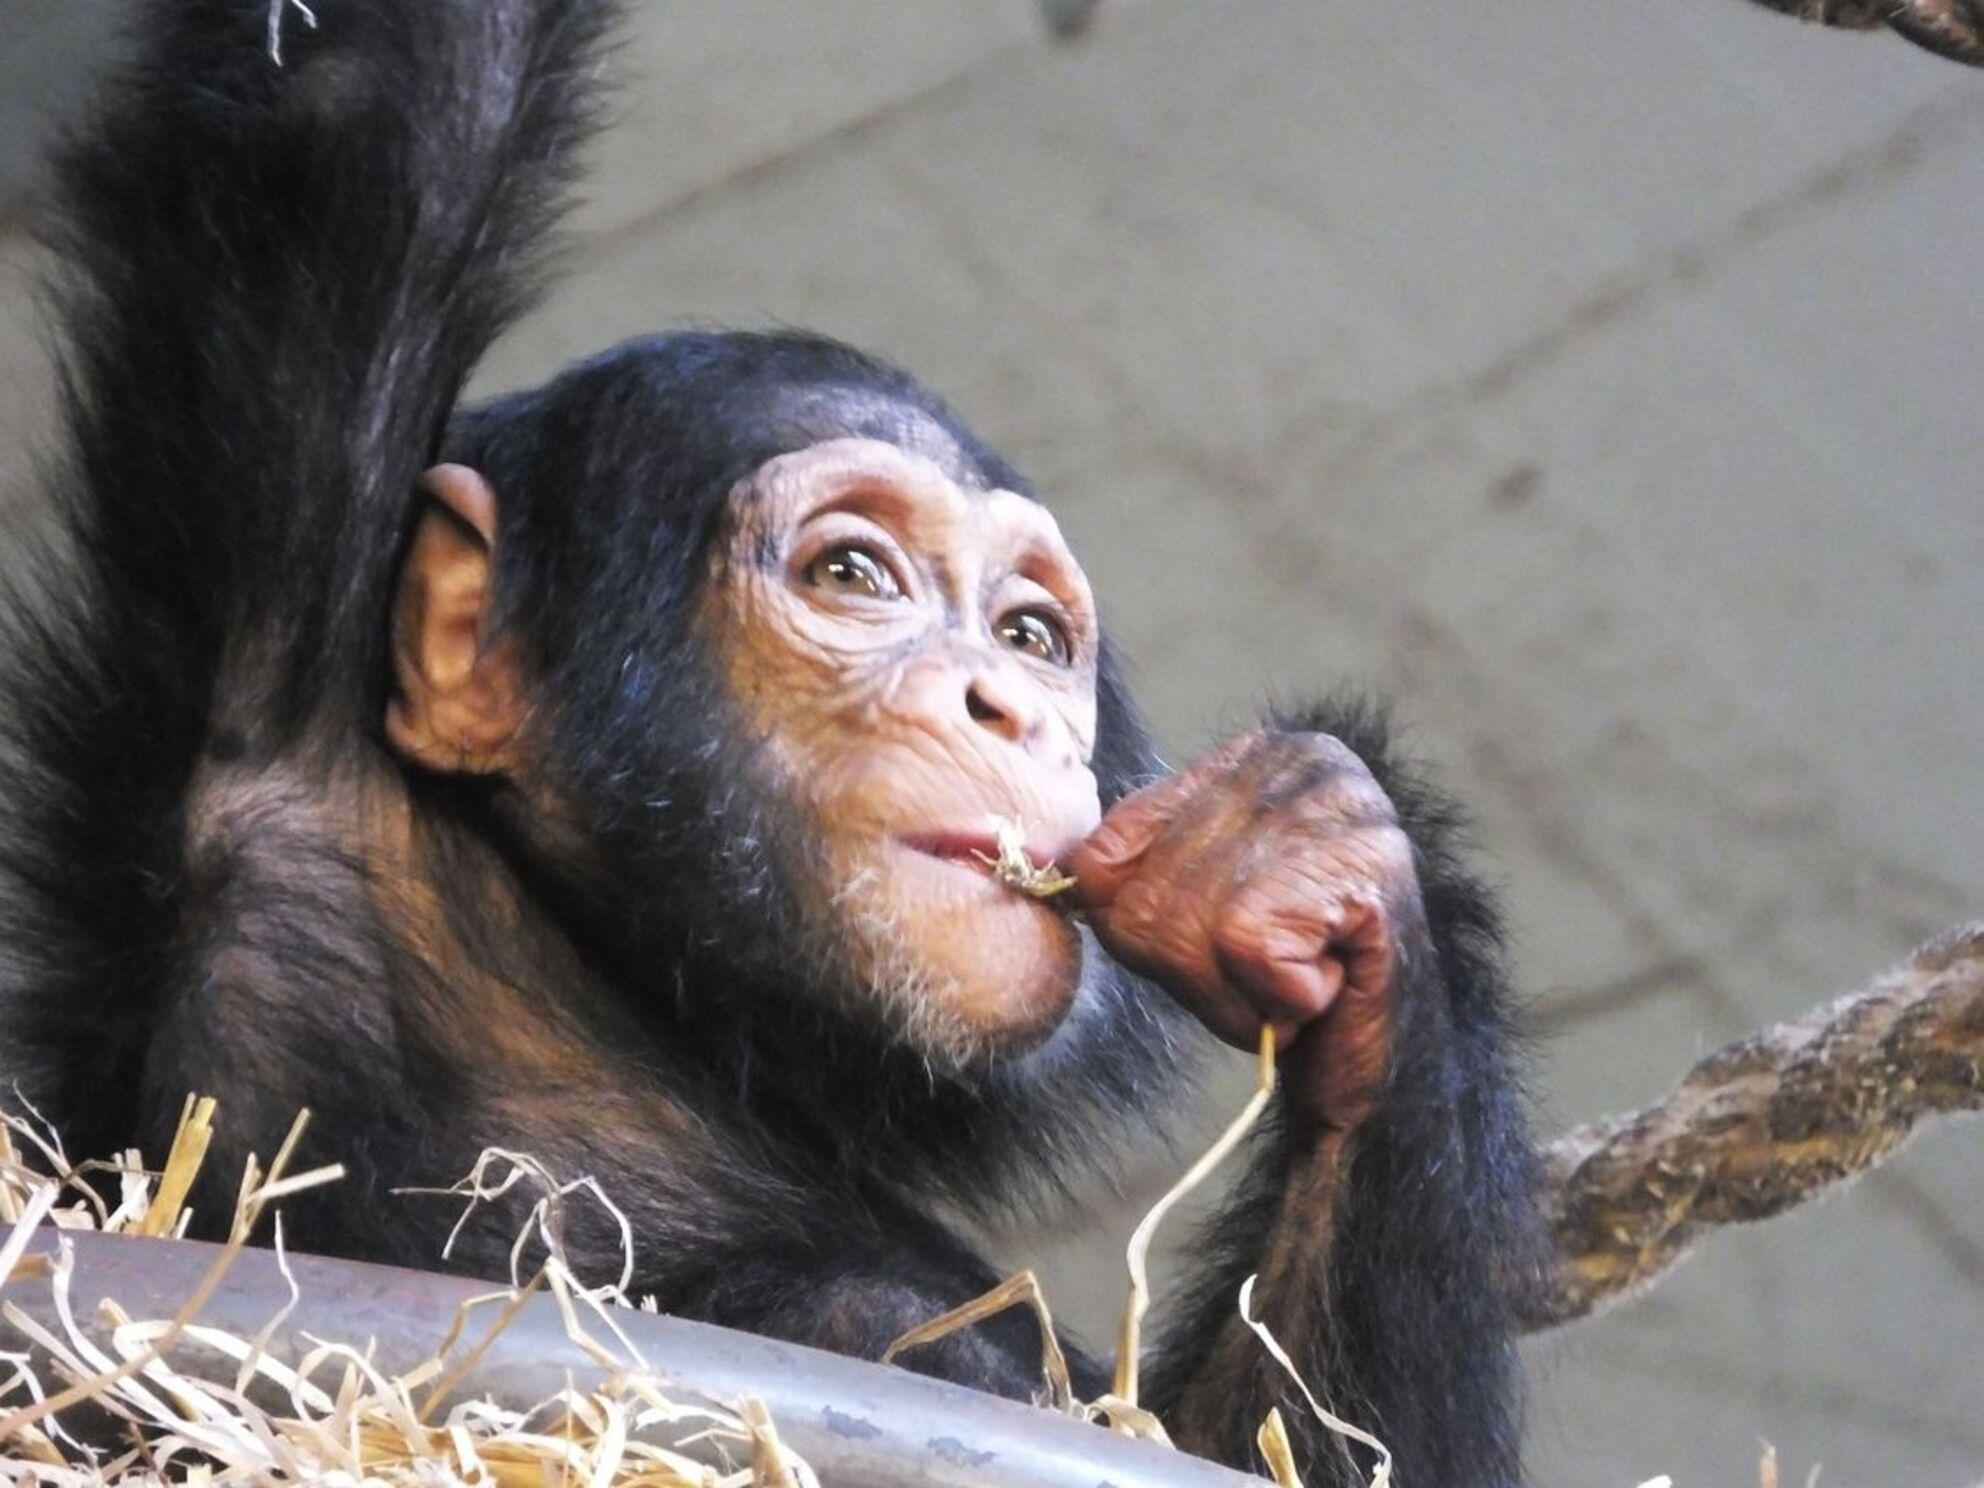 Shangwe - DSCF6475.jpg - foto door Esmay1 op 17-11-2013 - deze foto bevat: amsterdam, dierentuin, artis, apen, zoo, apes, chimpansees, Shangwe - Deze foto mag gebruikt worden in een Zoom.nl publicatie